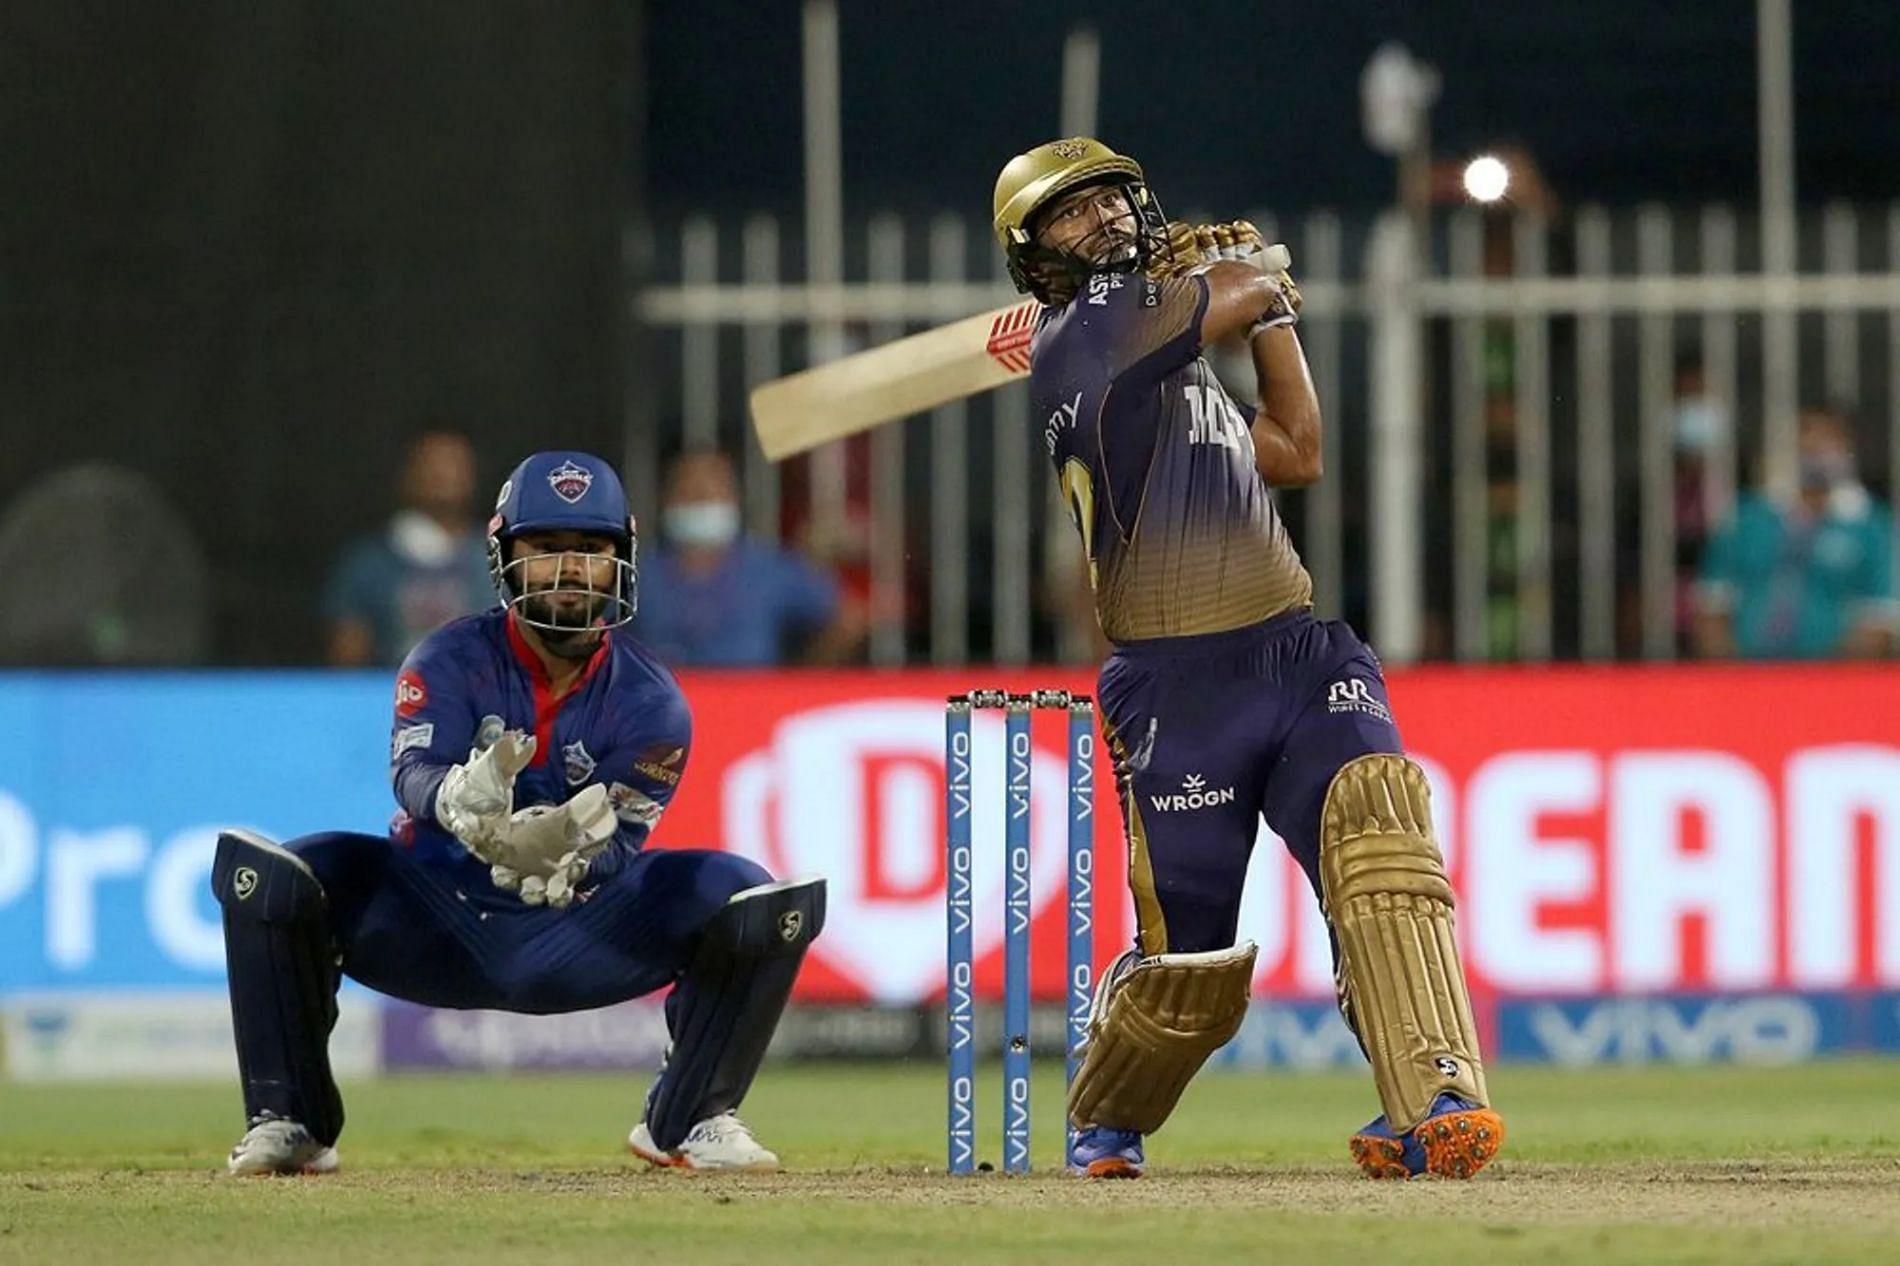 Rahul Tripathi's last-over six put KKR in the IPL 2021 final. Pic: IPLT20.COM